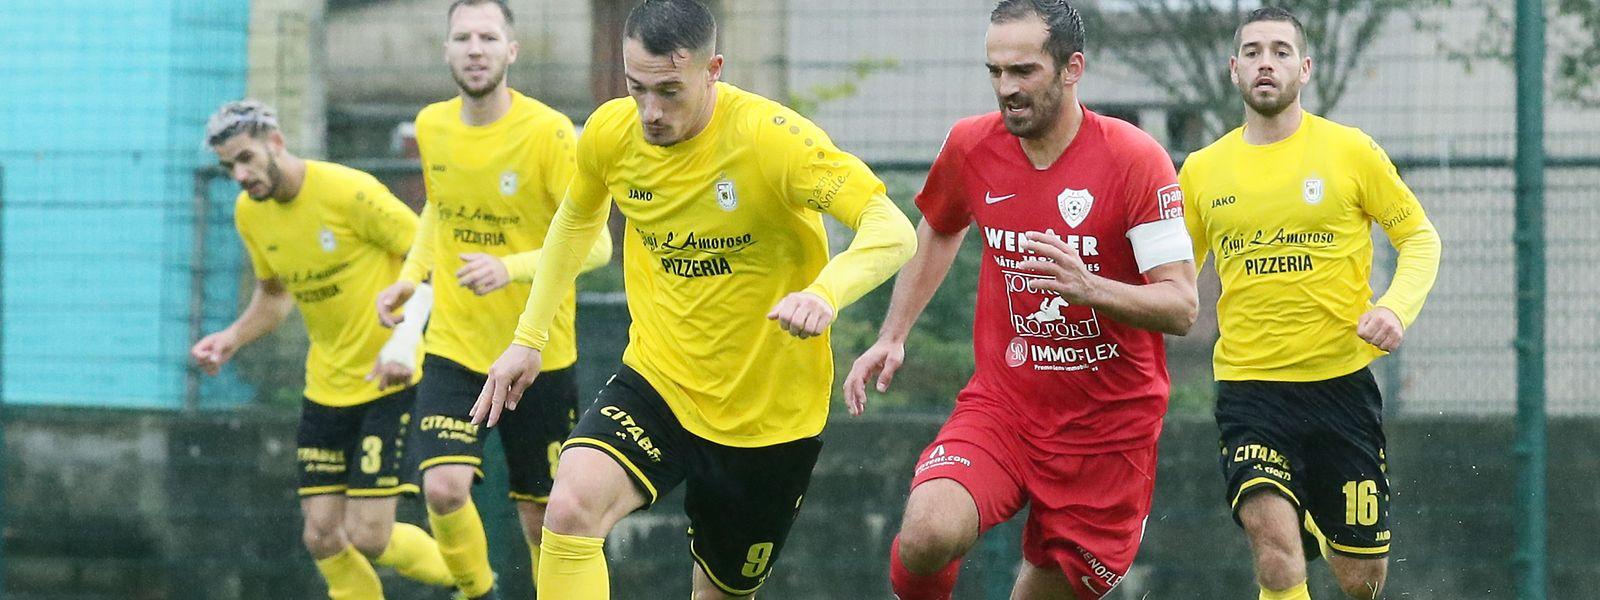 Weder Düdelingen noch Rosport werden am Sonntag in der BGL Ligue aktiv sein.